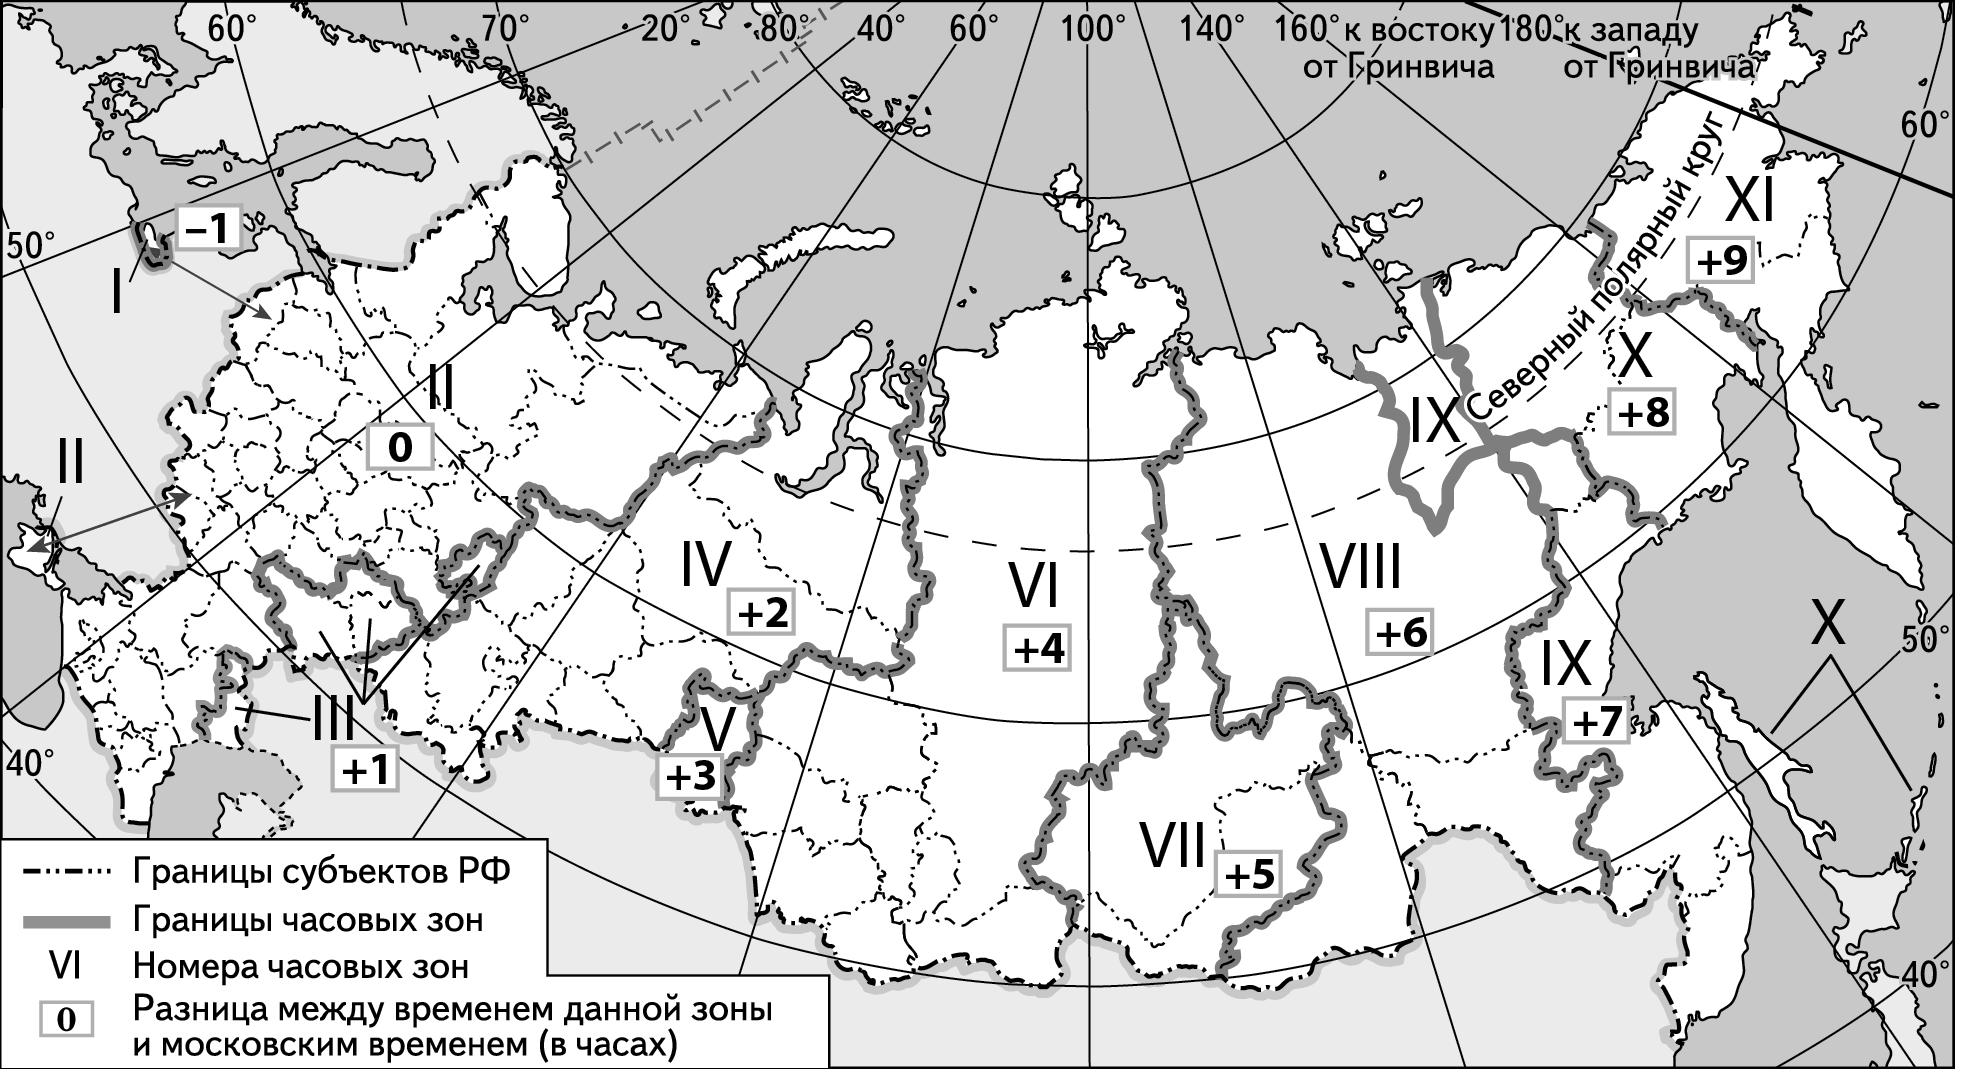 В соответствии с Законом о возврате к «зимнему» времени с ... октября ... г. на территории страны установлено ... часовых зон (см. карту). Исходным при исчислении местного времени часовых зон служит московское время – время II часовой зоны.